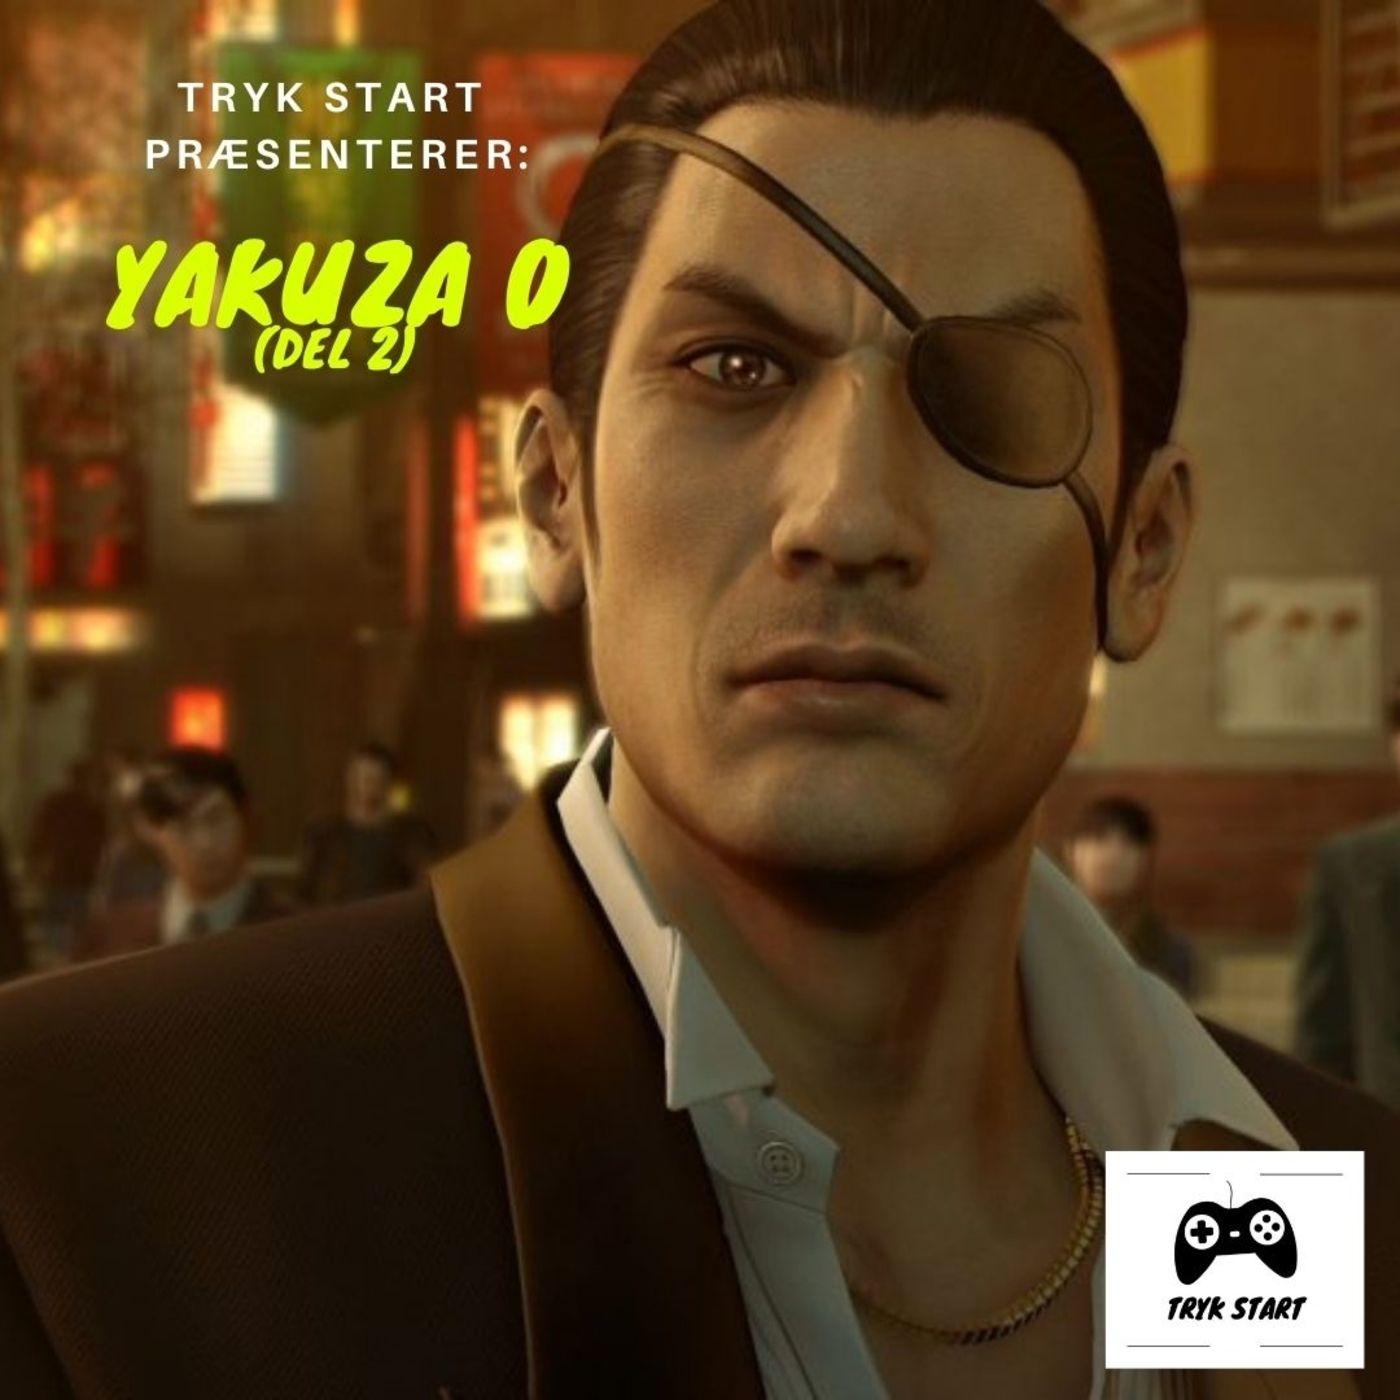 Spil 31 - Yakuza 0 (Del 2)